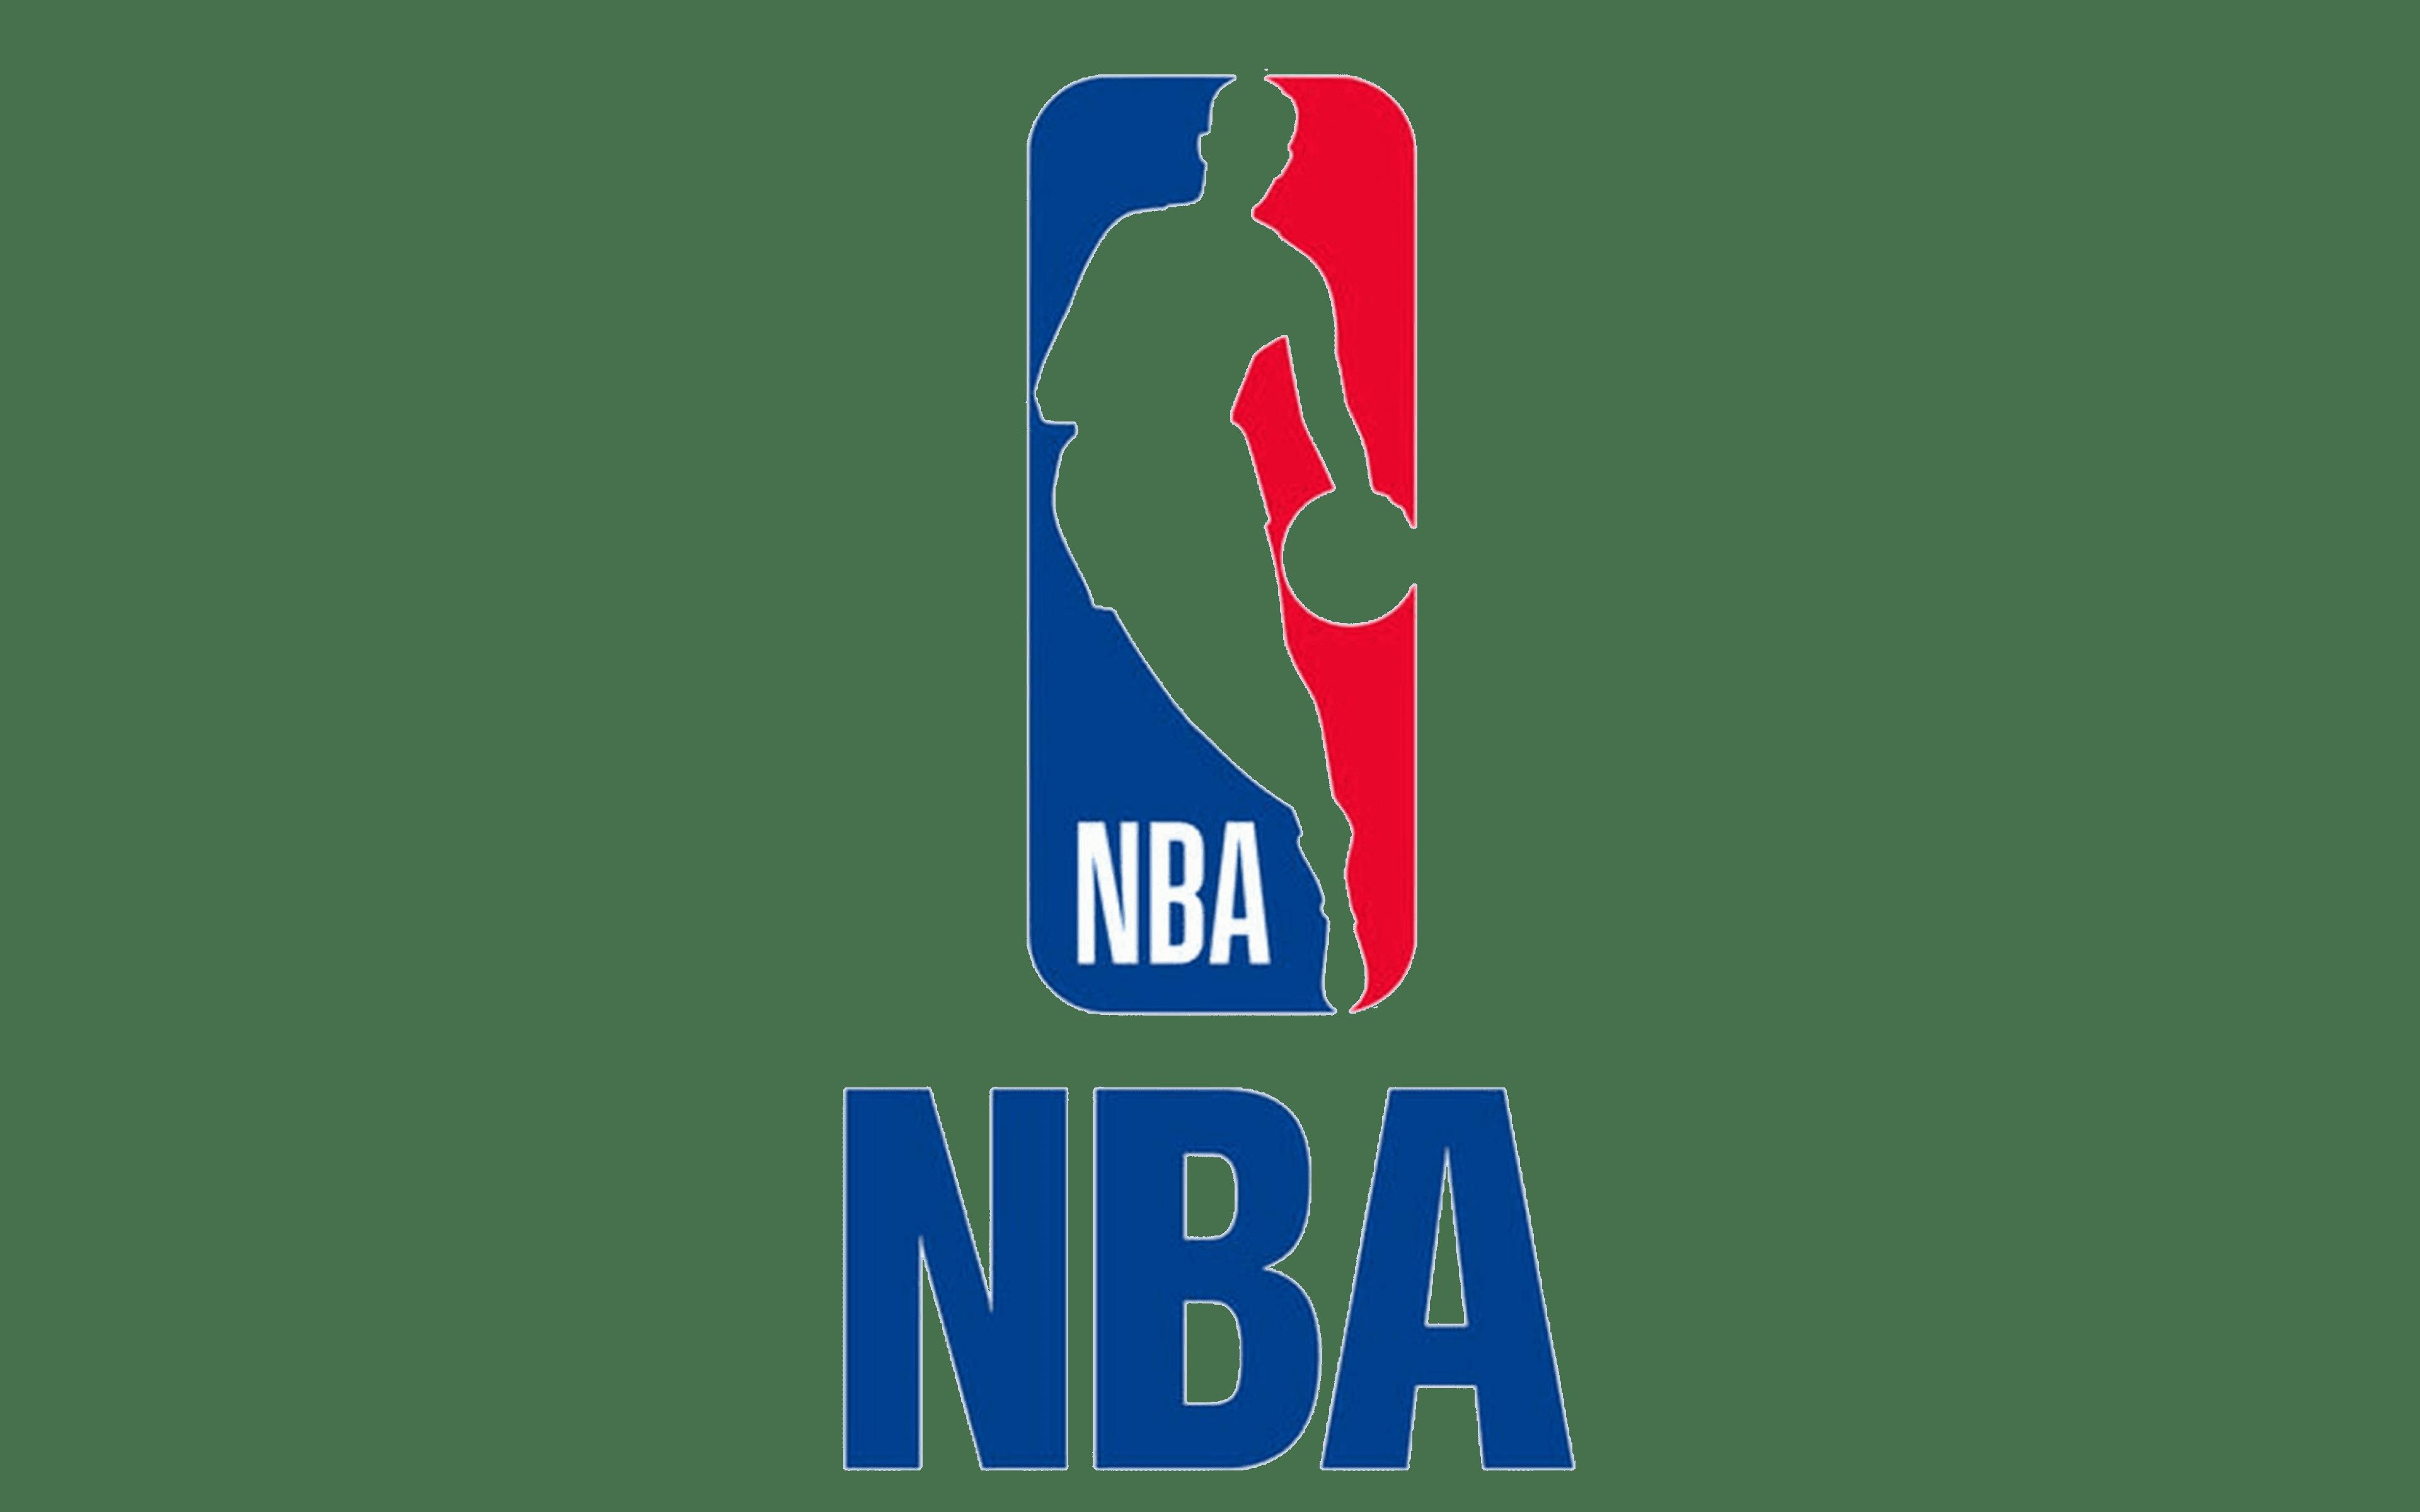 NBA Brand